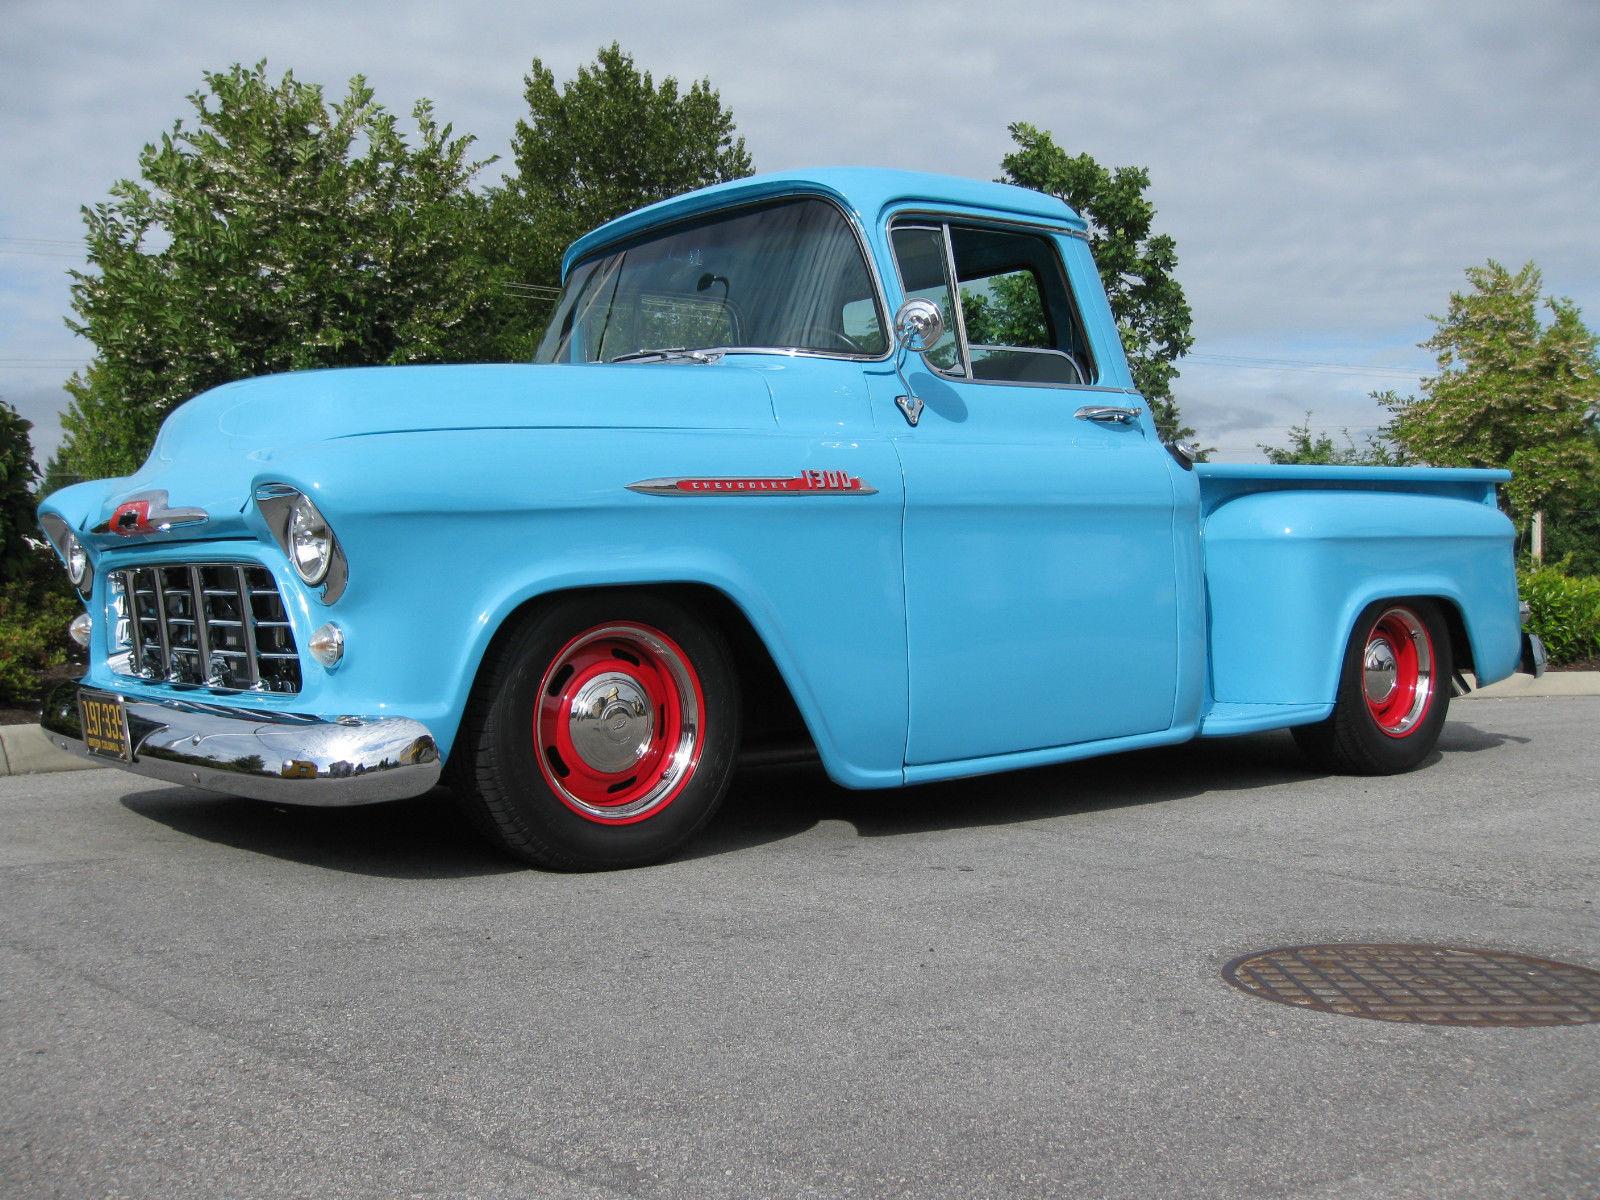 1956 chevrolet 1300 pickup truck hot rod street rod 350ho crate engine 700r4. Black Bedroom Furniture Sets. Home Design Ideas